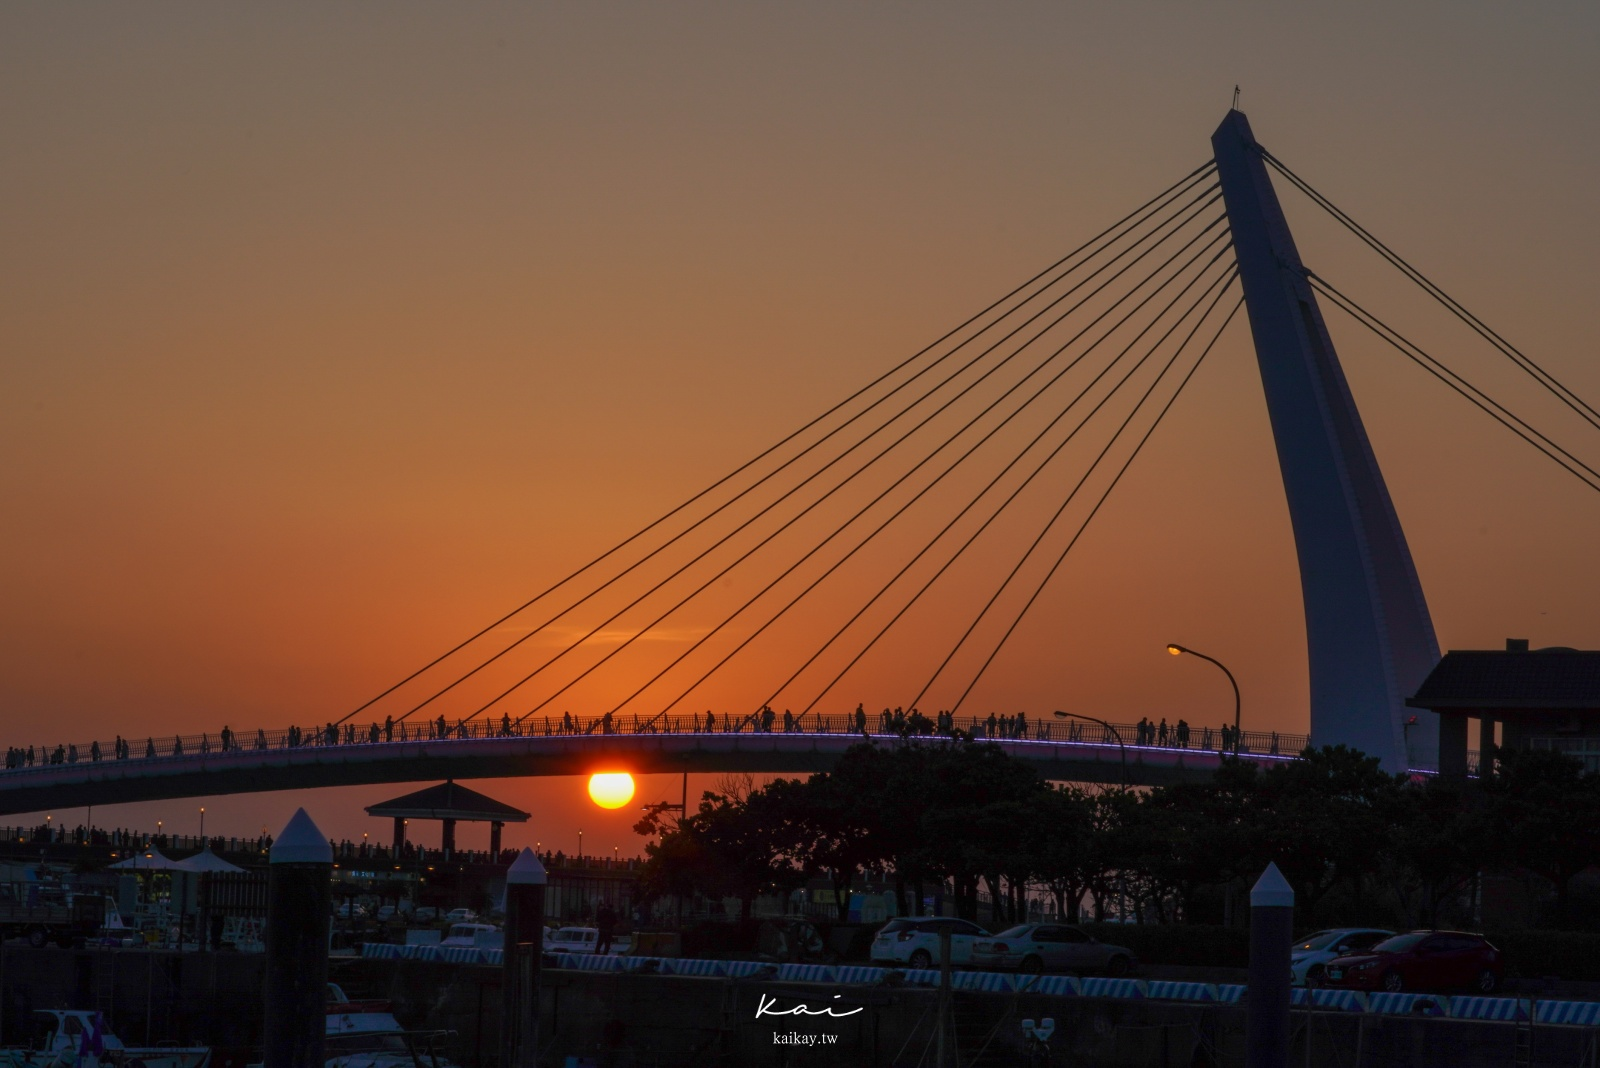 ☆【2021 新北旅遊】淡水輕軌一日遊攻略。收集幾米車站|情人橋、夕陽私房拍照景點。更新:2021二月行動支付免費搭乘!